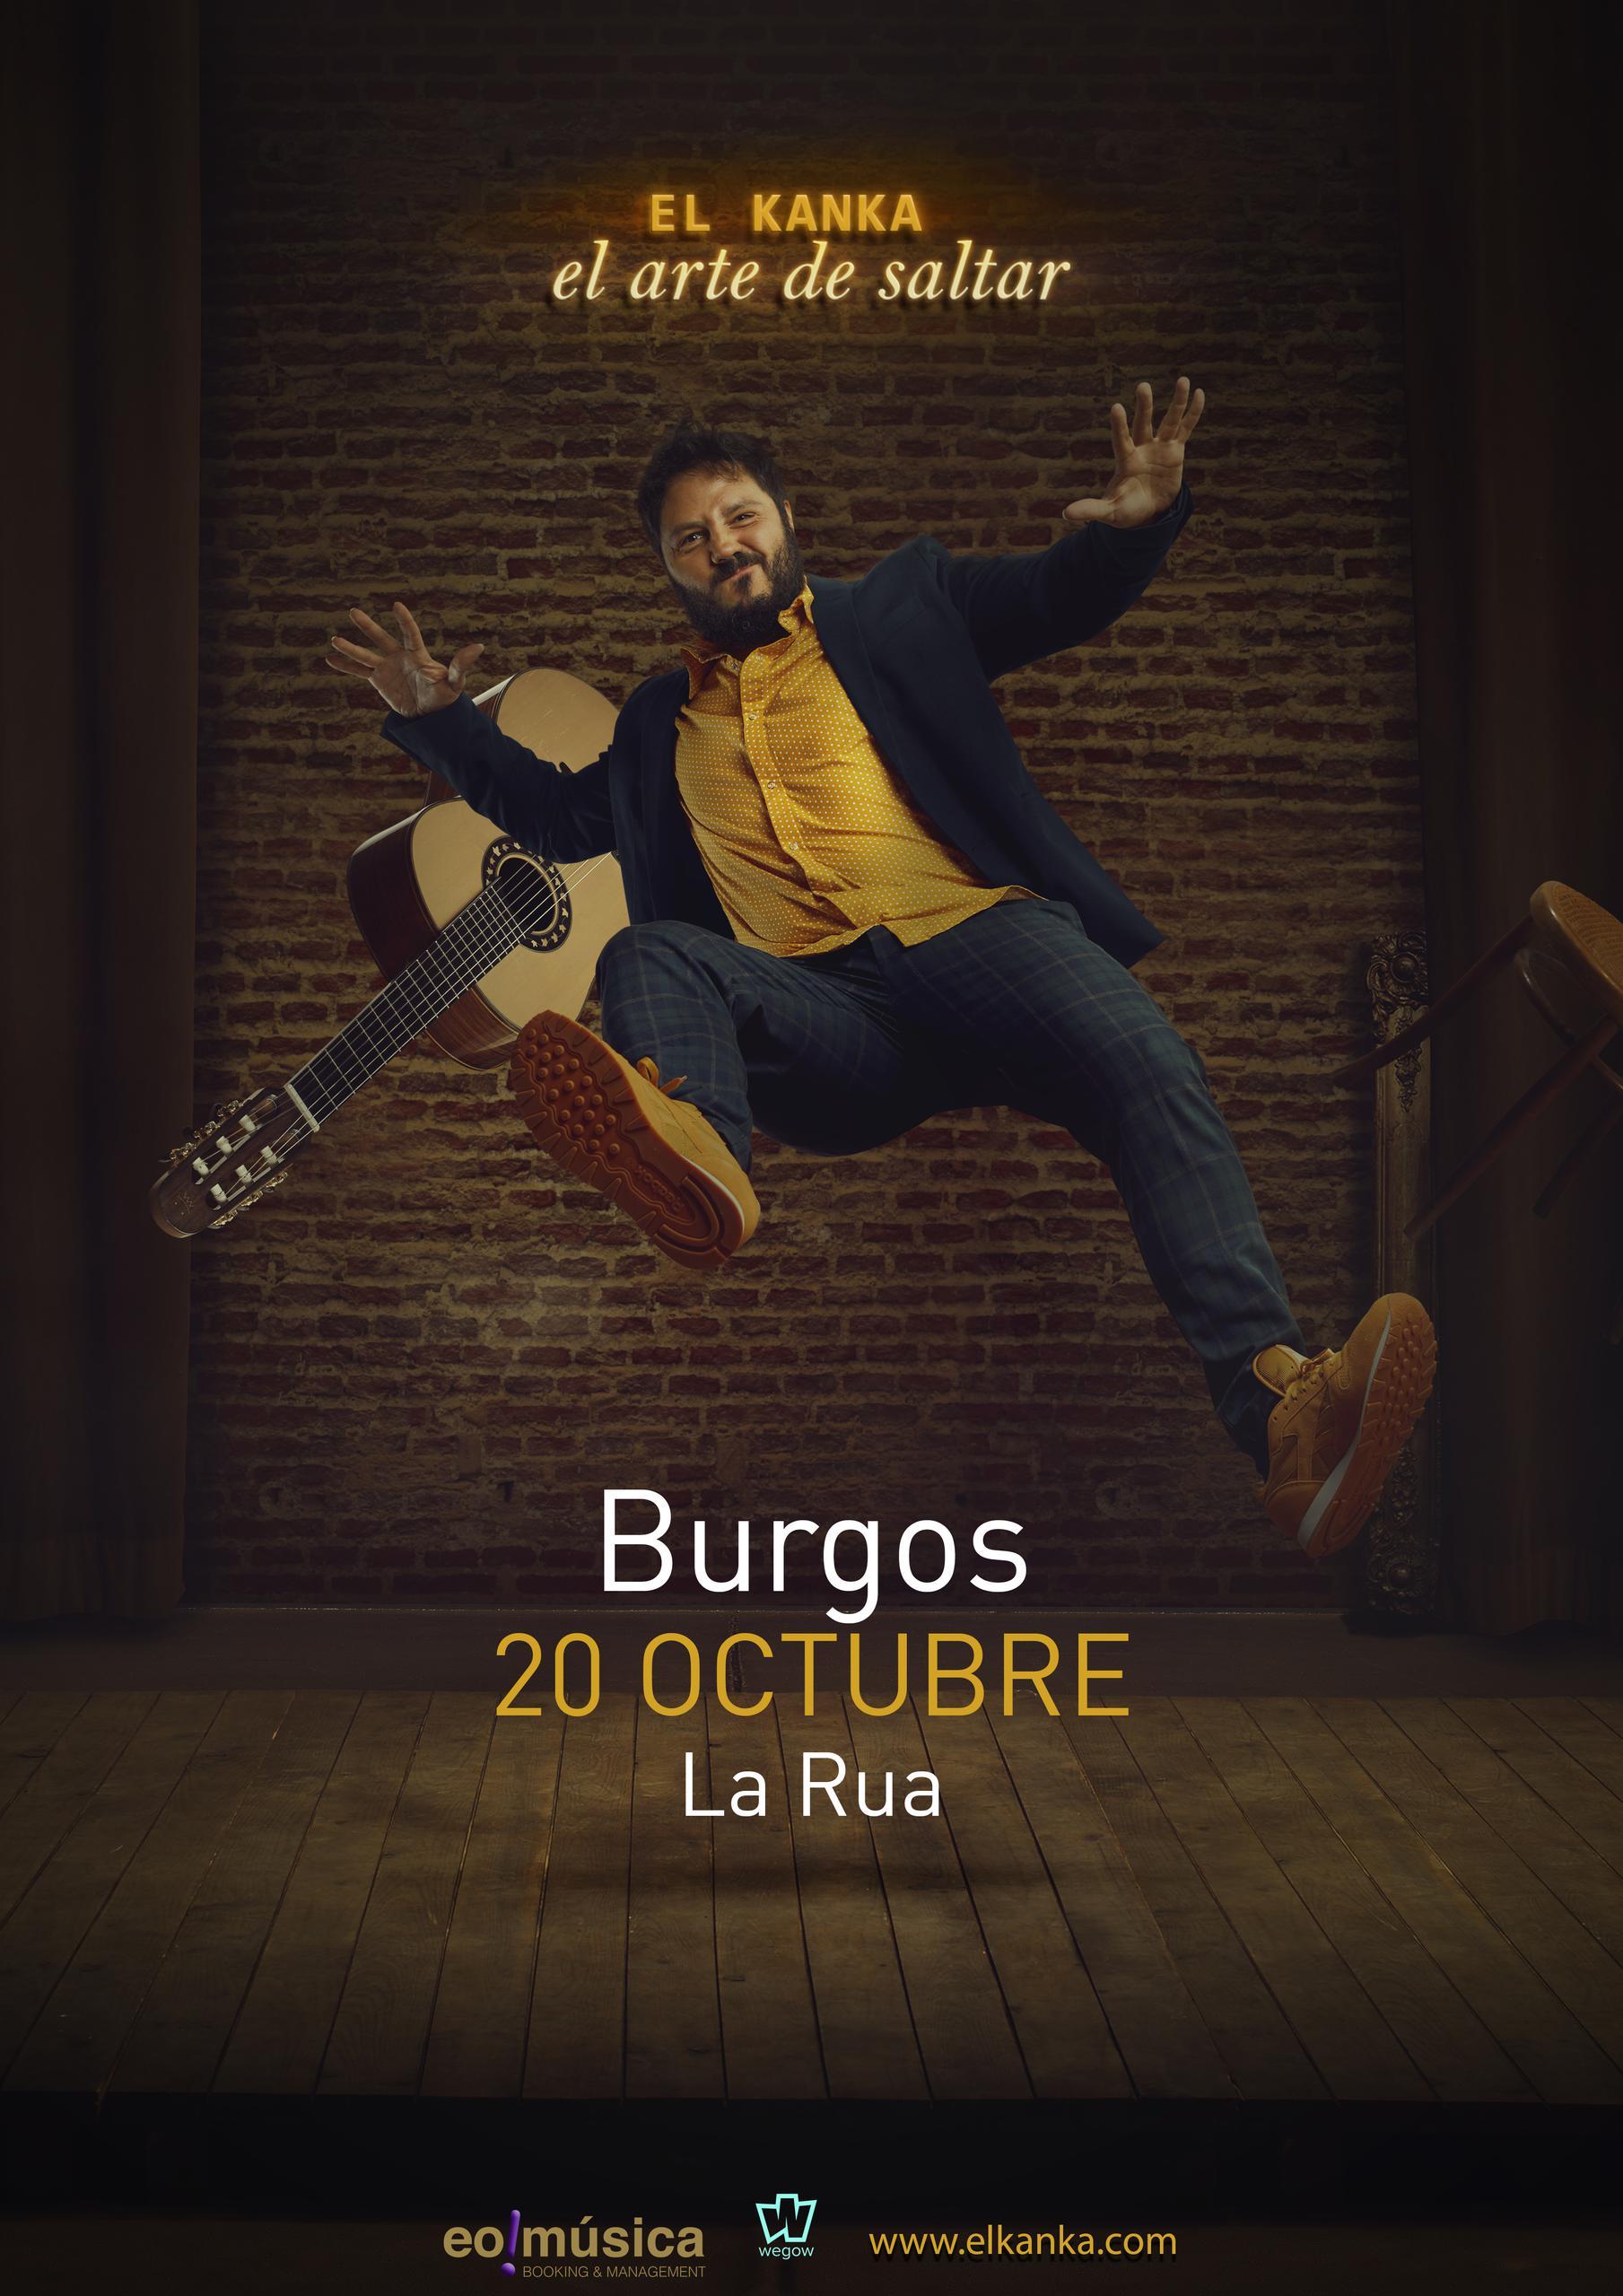 Concierto de El Kanka en BURGOS